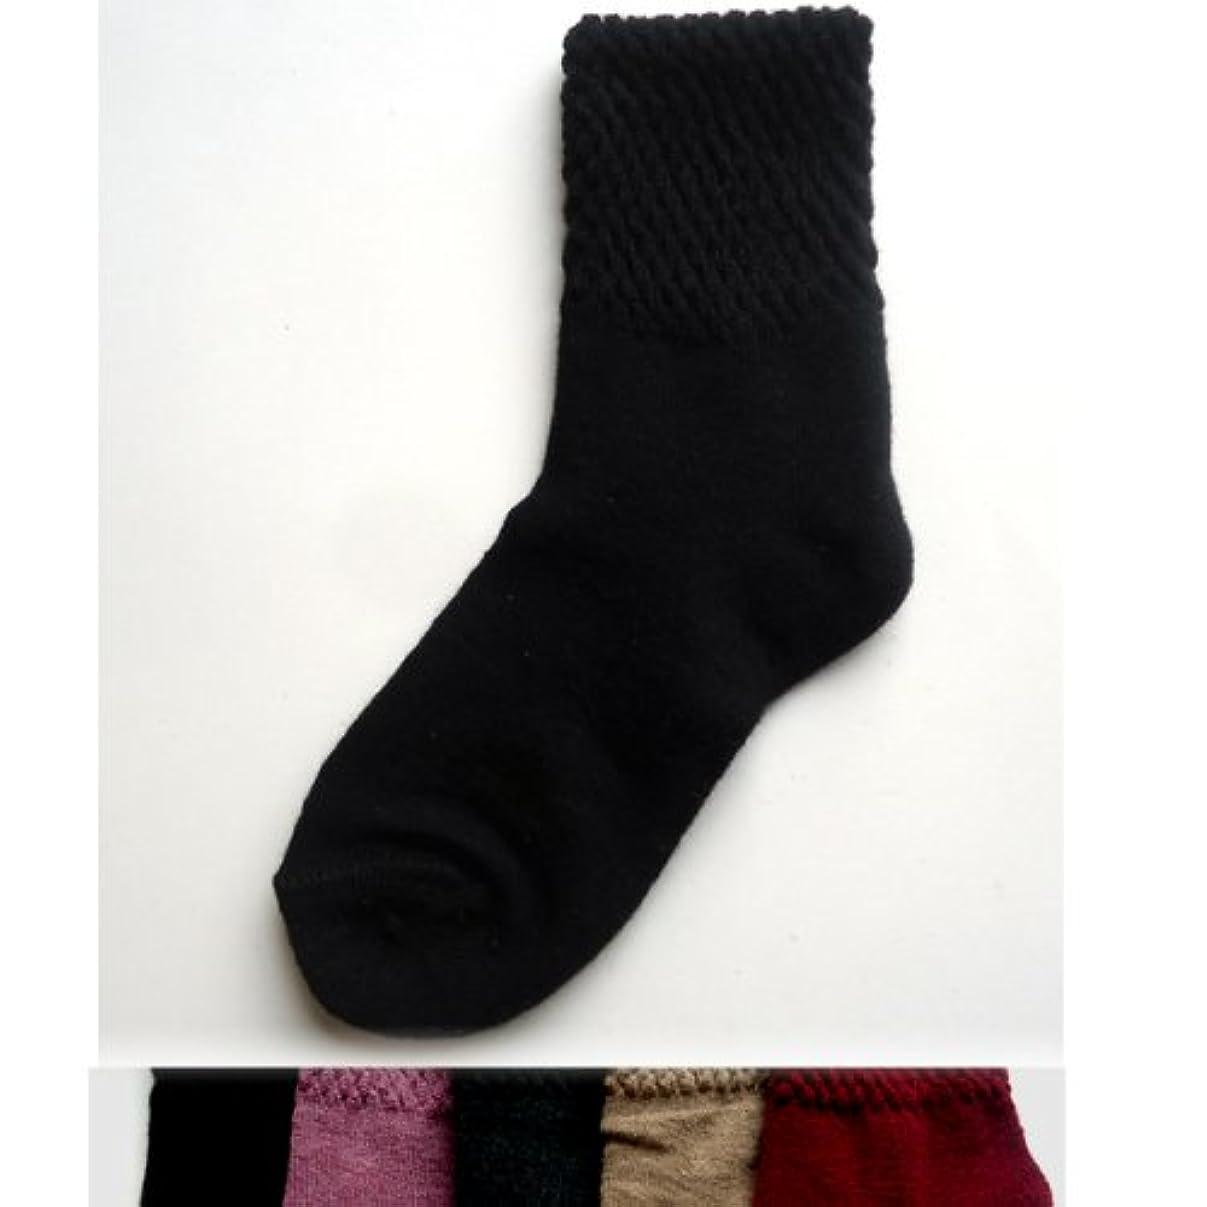 クロス日曜日匿名靴下 あったか シルク混 二重編みパイナップルソックス 厚手 22~24cm お買得4足組(色はお任せ)